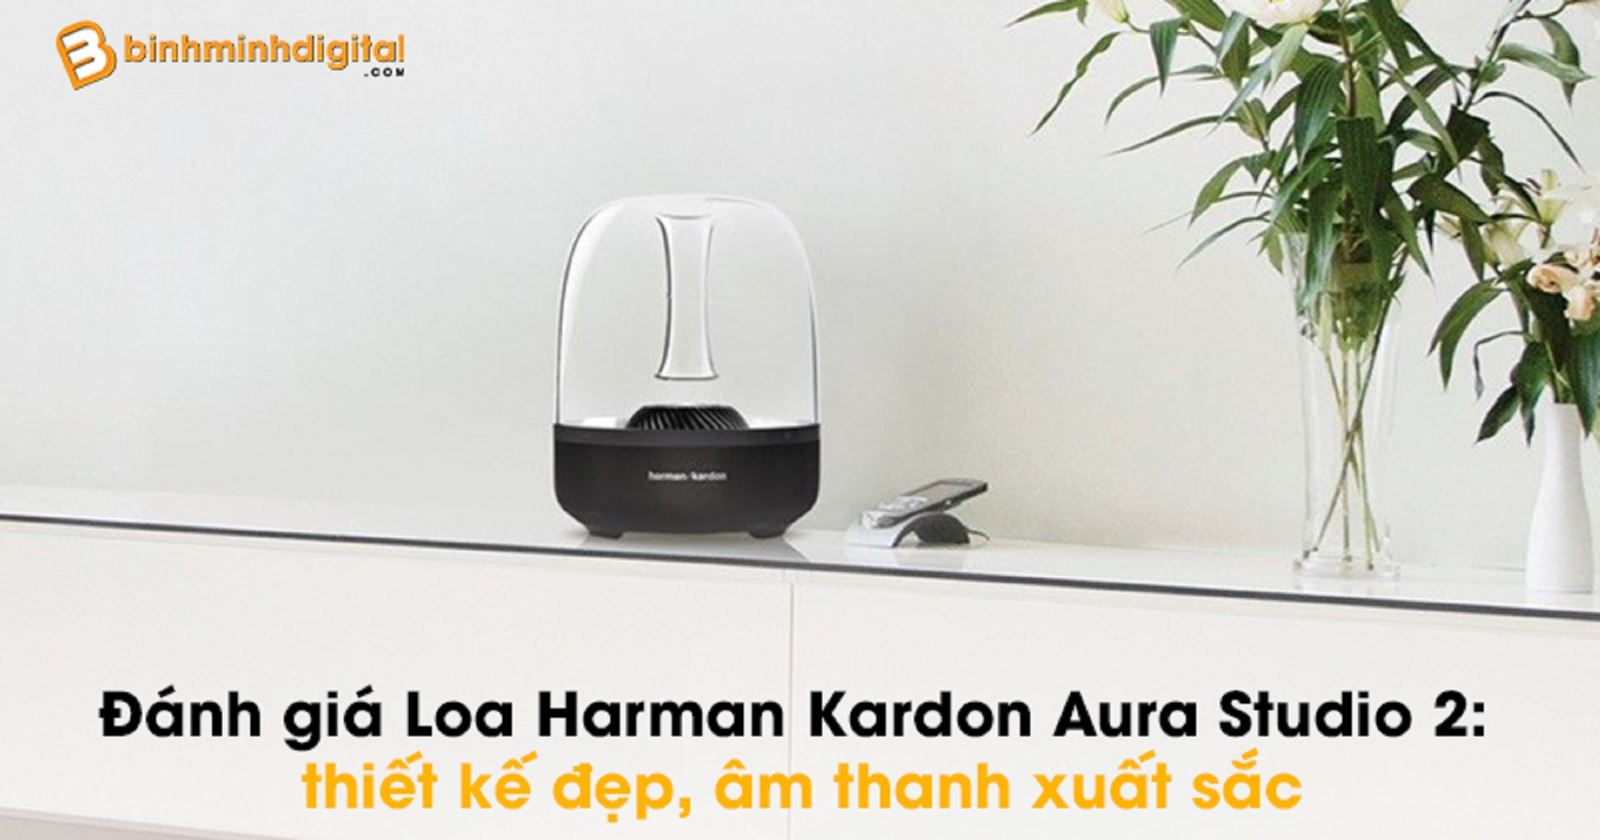 Đánh giá Loa Harman Kardon Aura Studio 2: thiết kế đẹp, âm thanh xuất sắc